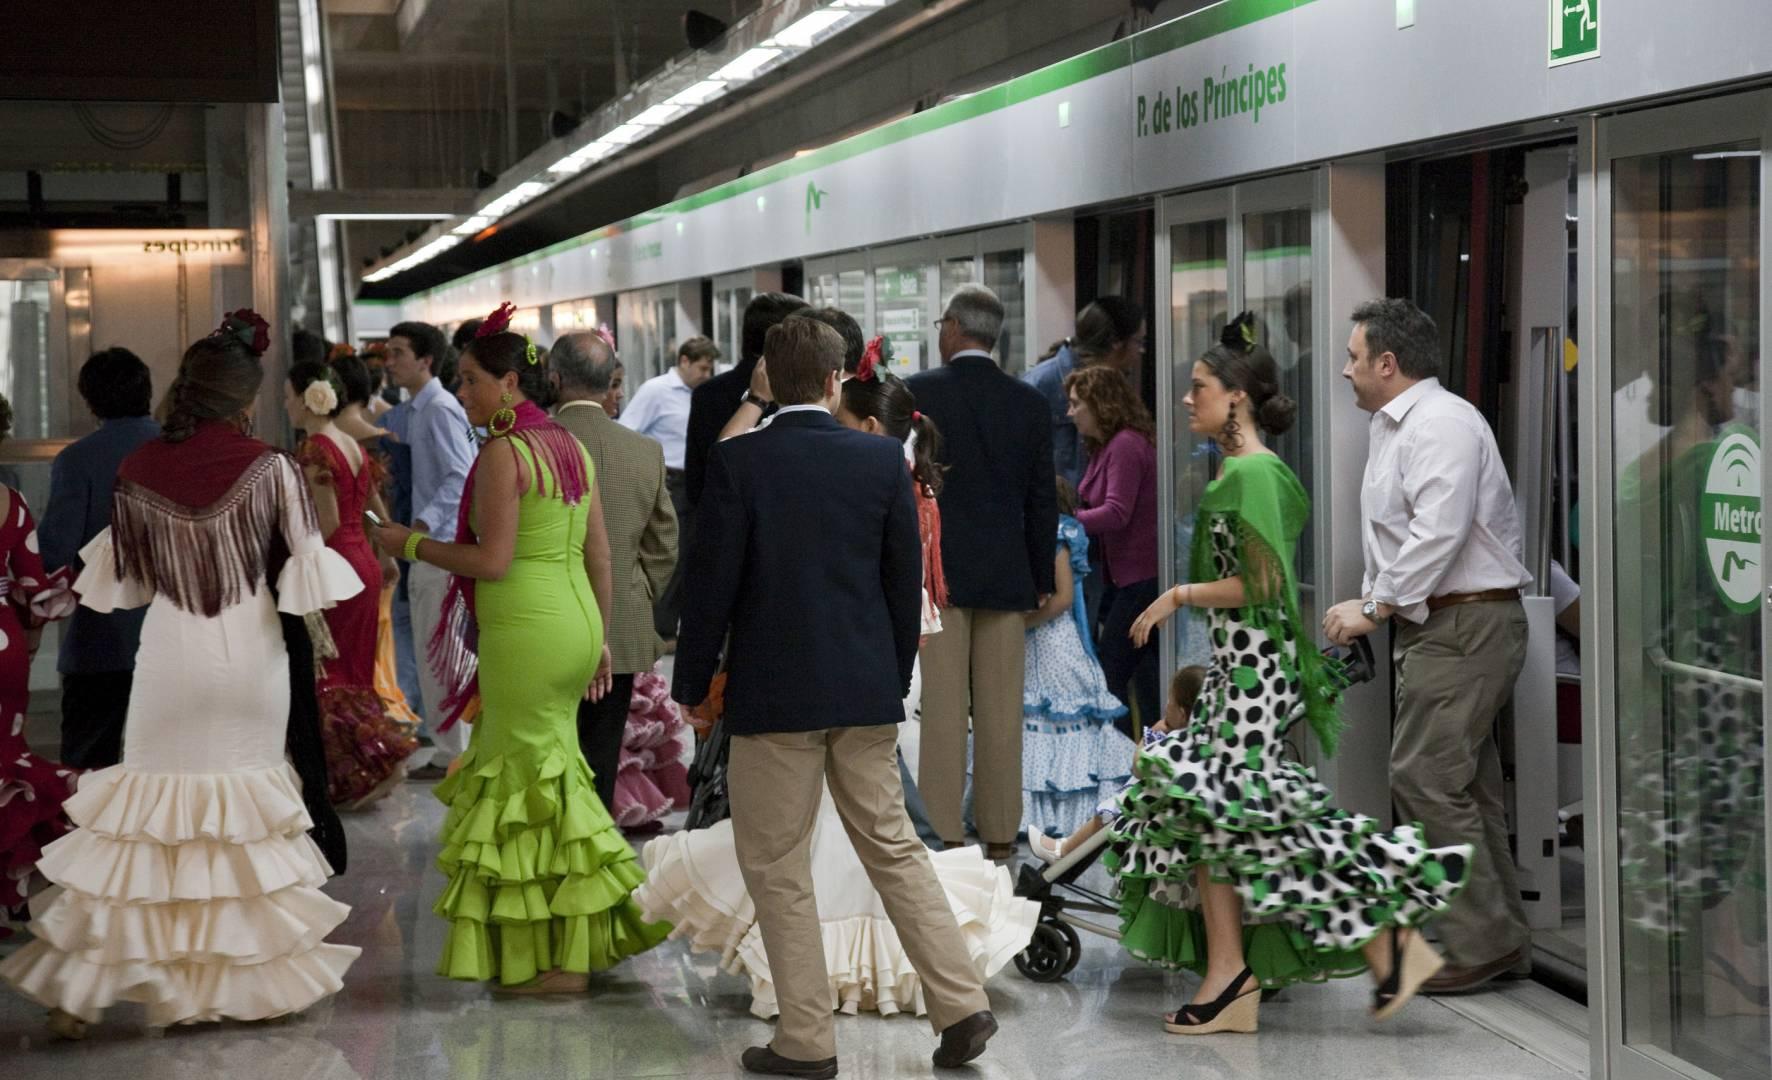 Metro de Sevilla espera un importante incremento de la demanda durante la Feria de abril 2015. Foto: AOP Andalucía.